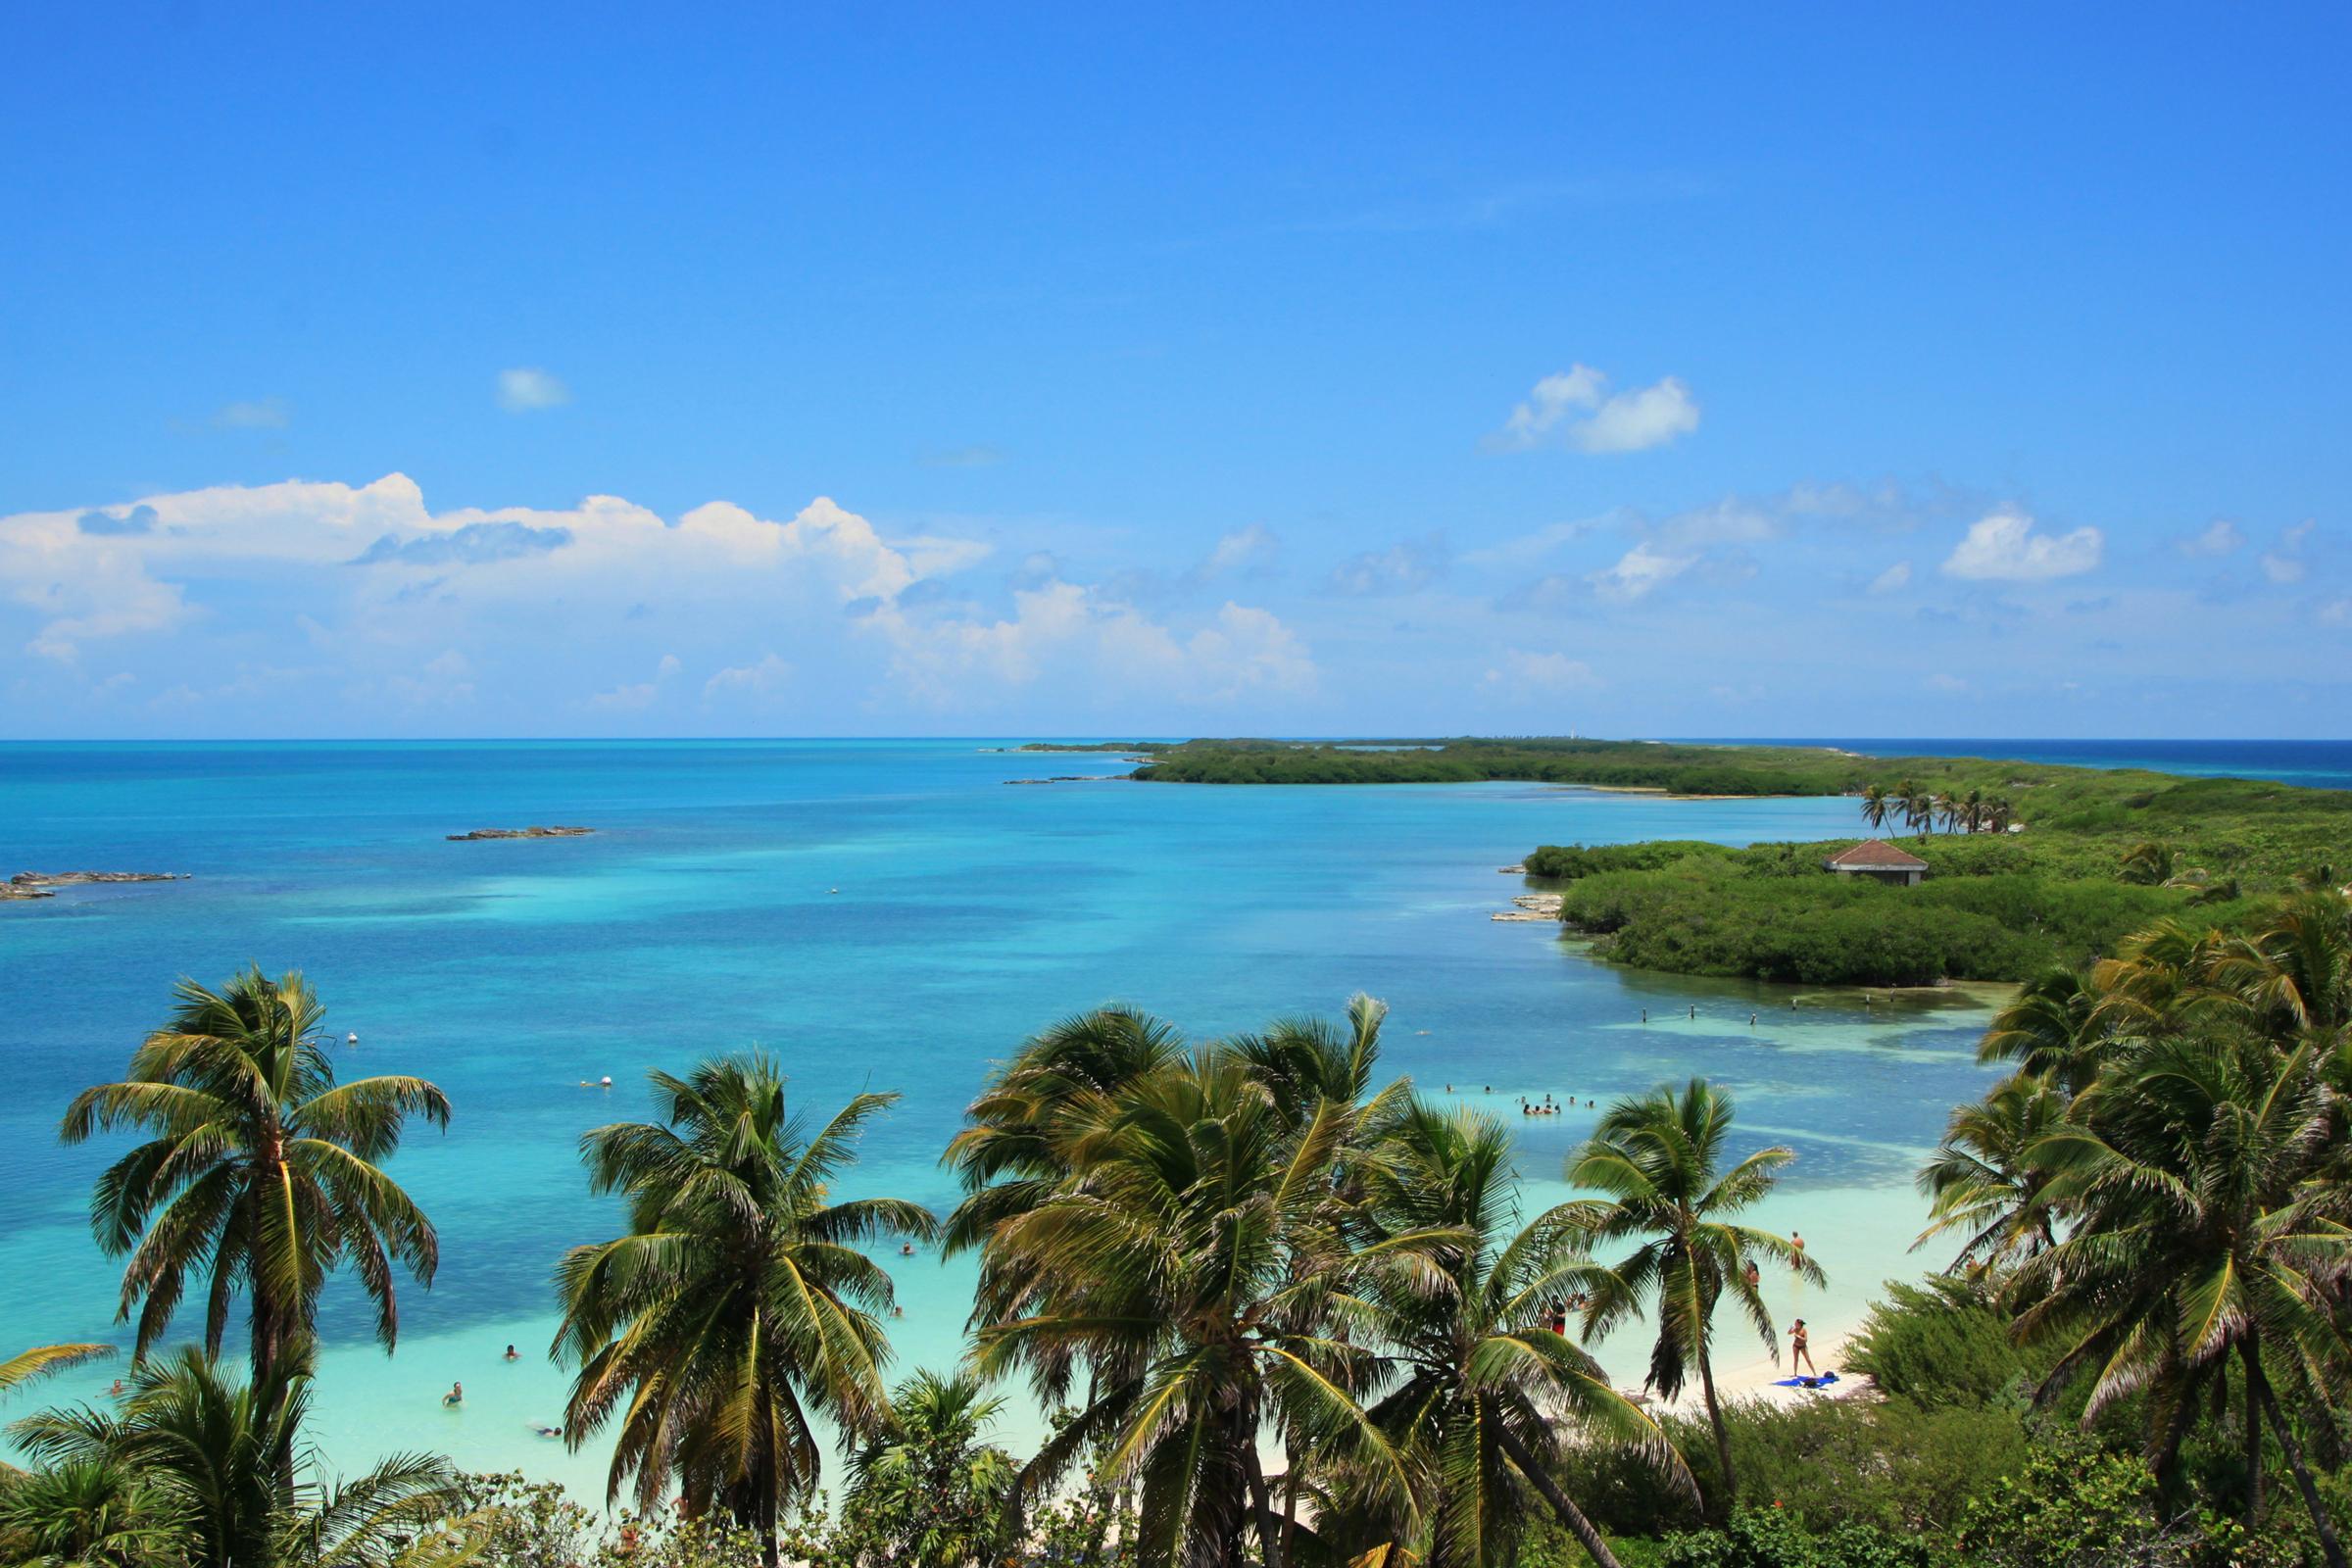 Обои Мексика Cancun Море Природа Пальмы берег пальм пальма Побережье